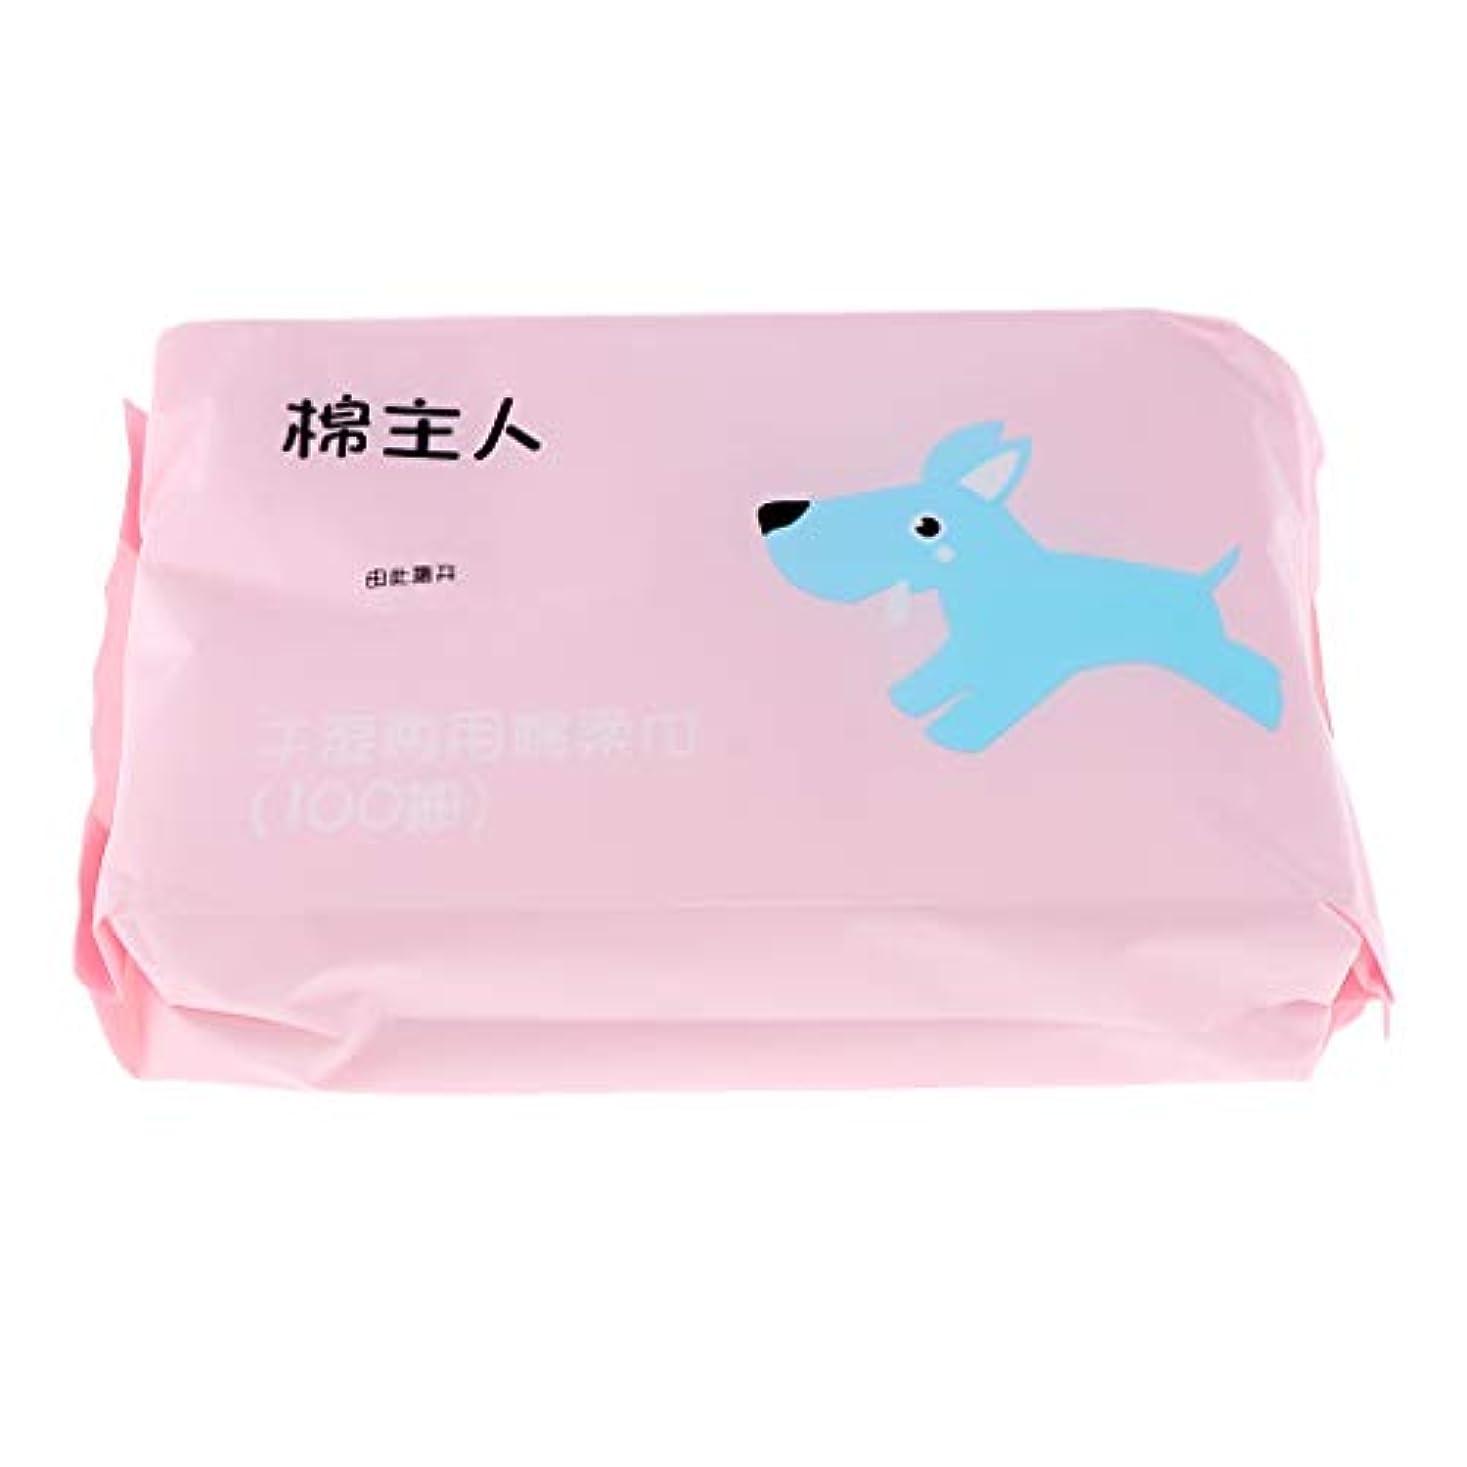 省略する留め金ダイヤルクレンジングシート メイク落とし 軽量 便利 敏感肌用 非刺激 不織布 フェイスタオル 約100枚 - ピンク